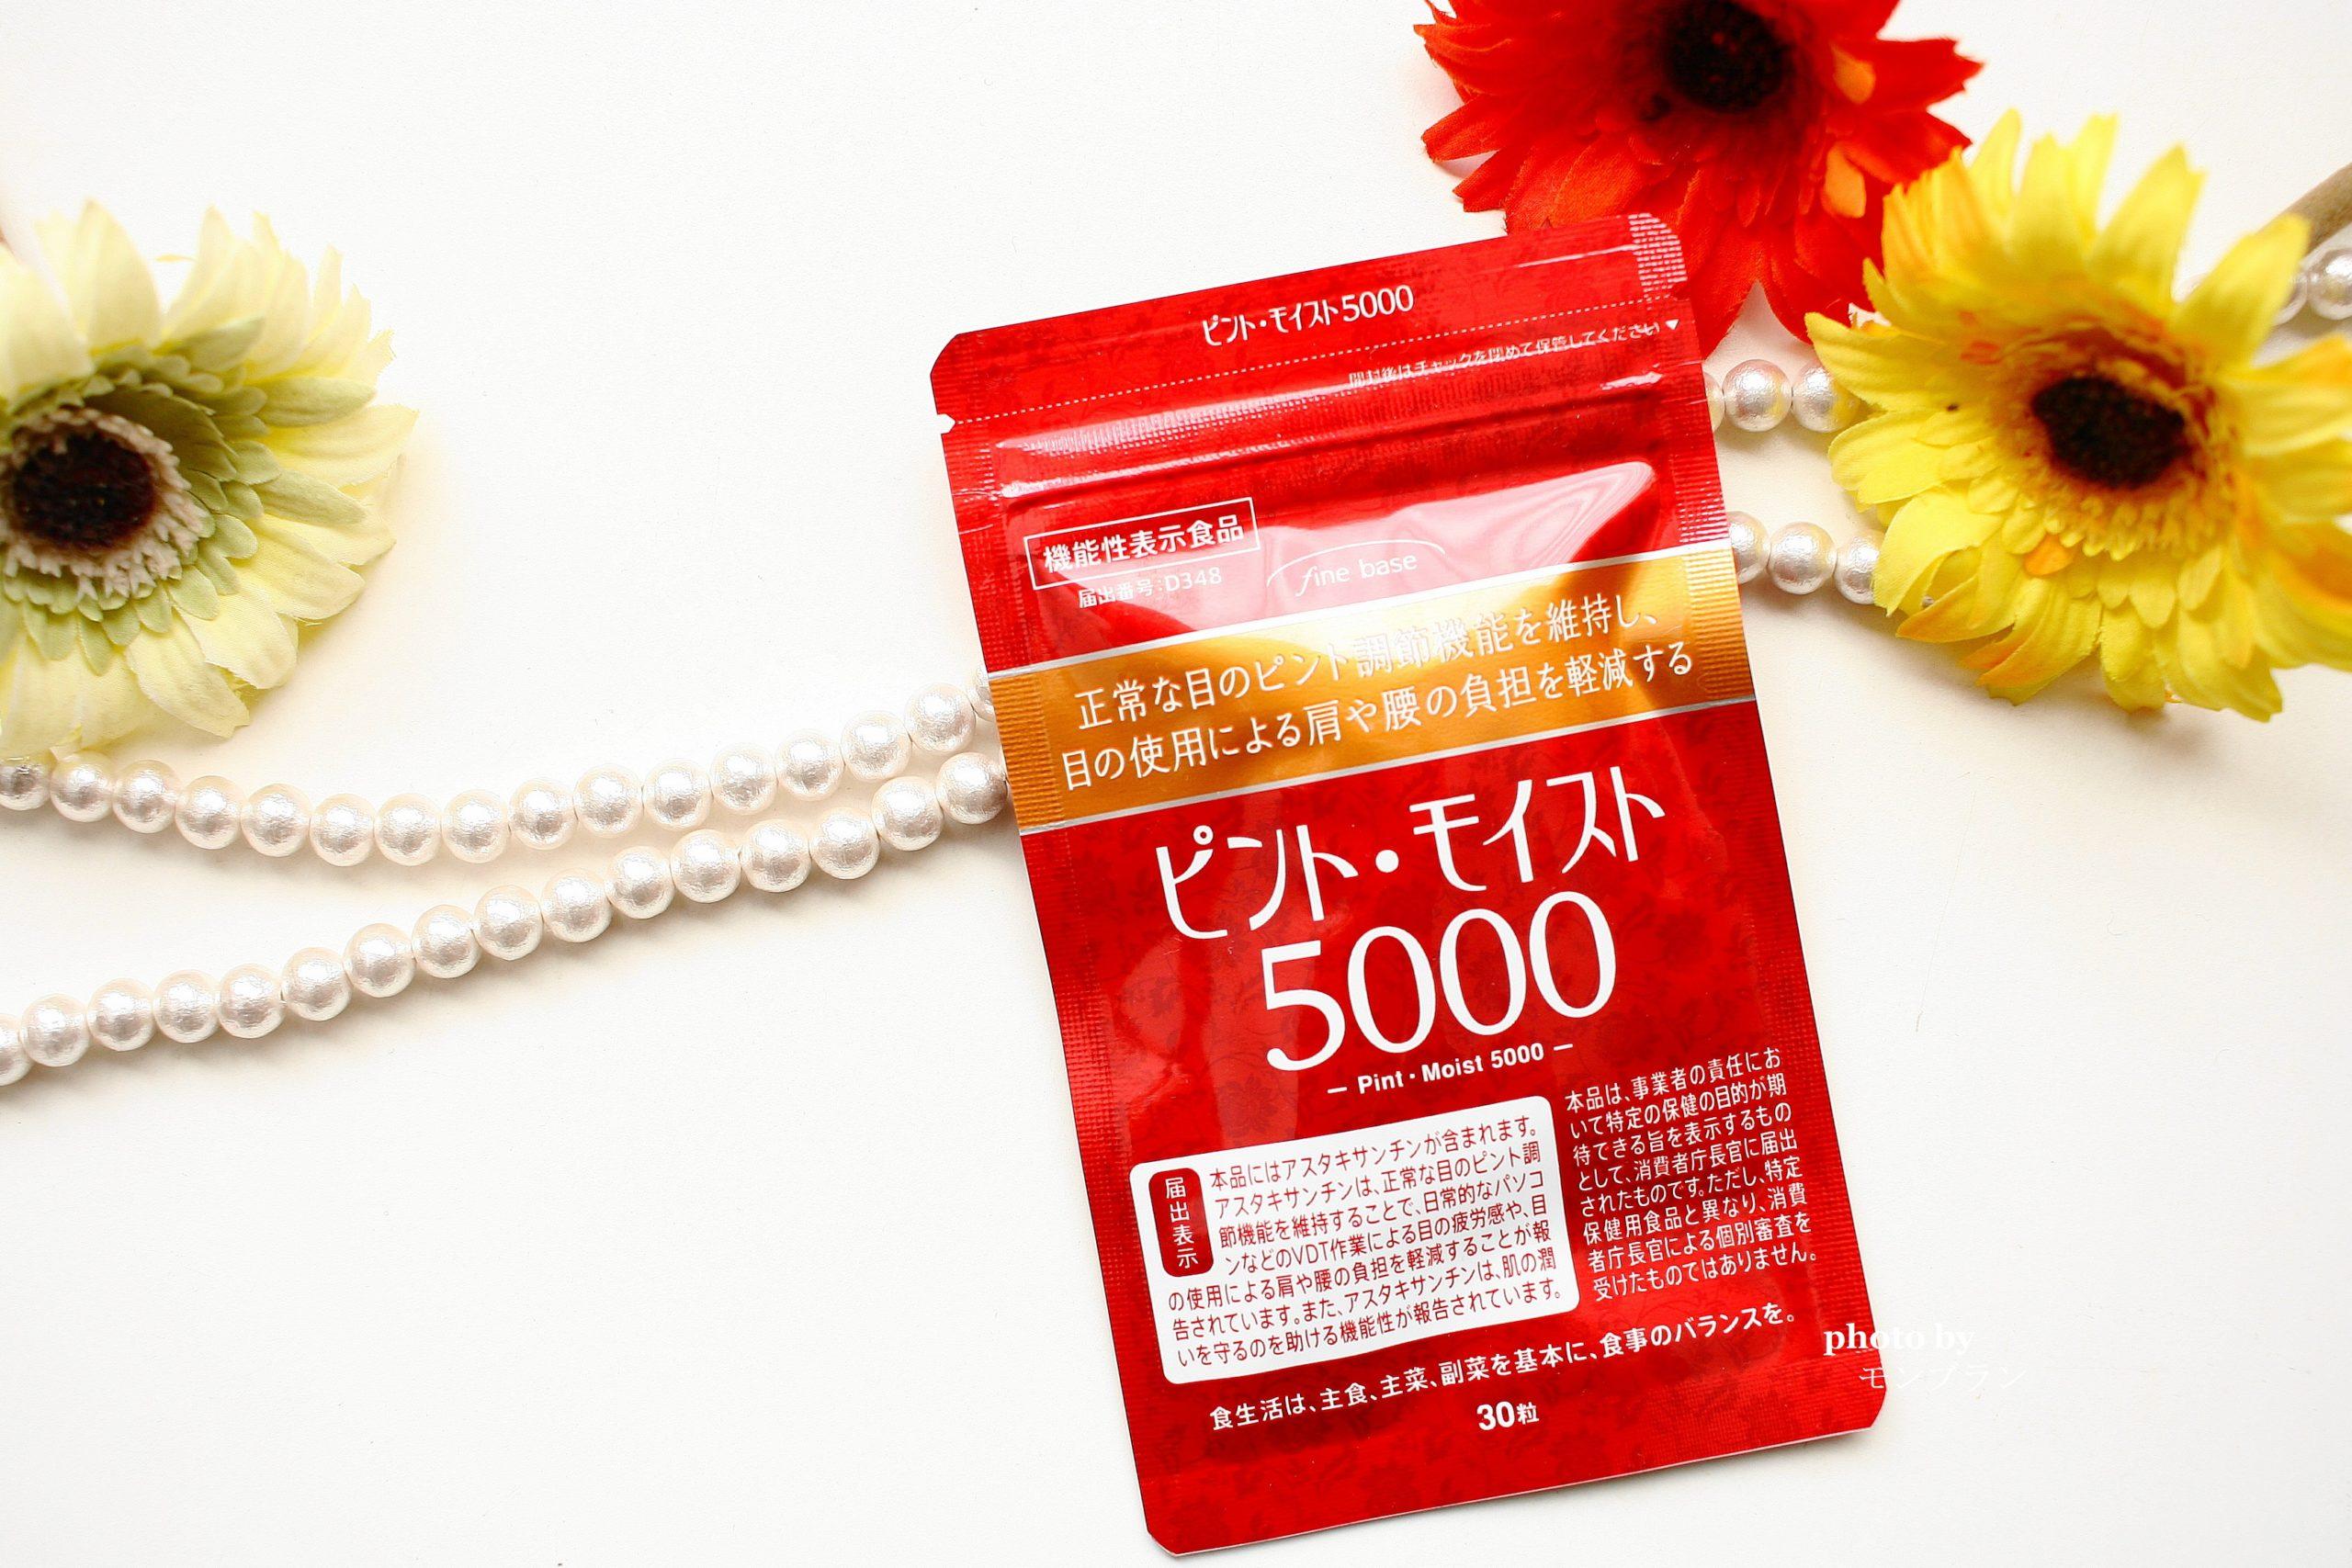 老眼にサケ缶より効果的なピントモイスト5000の口コミ